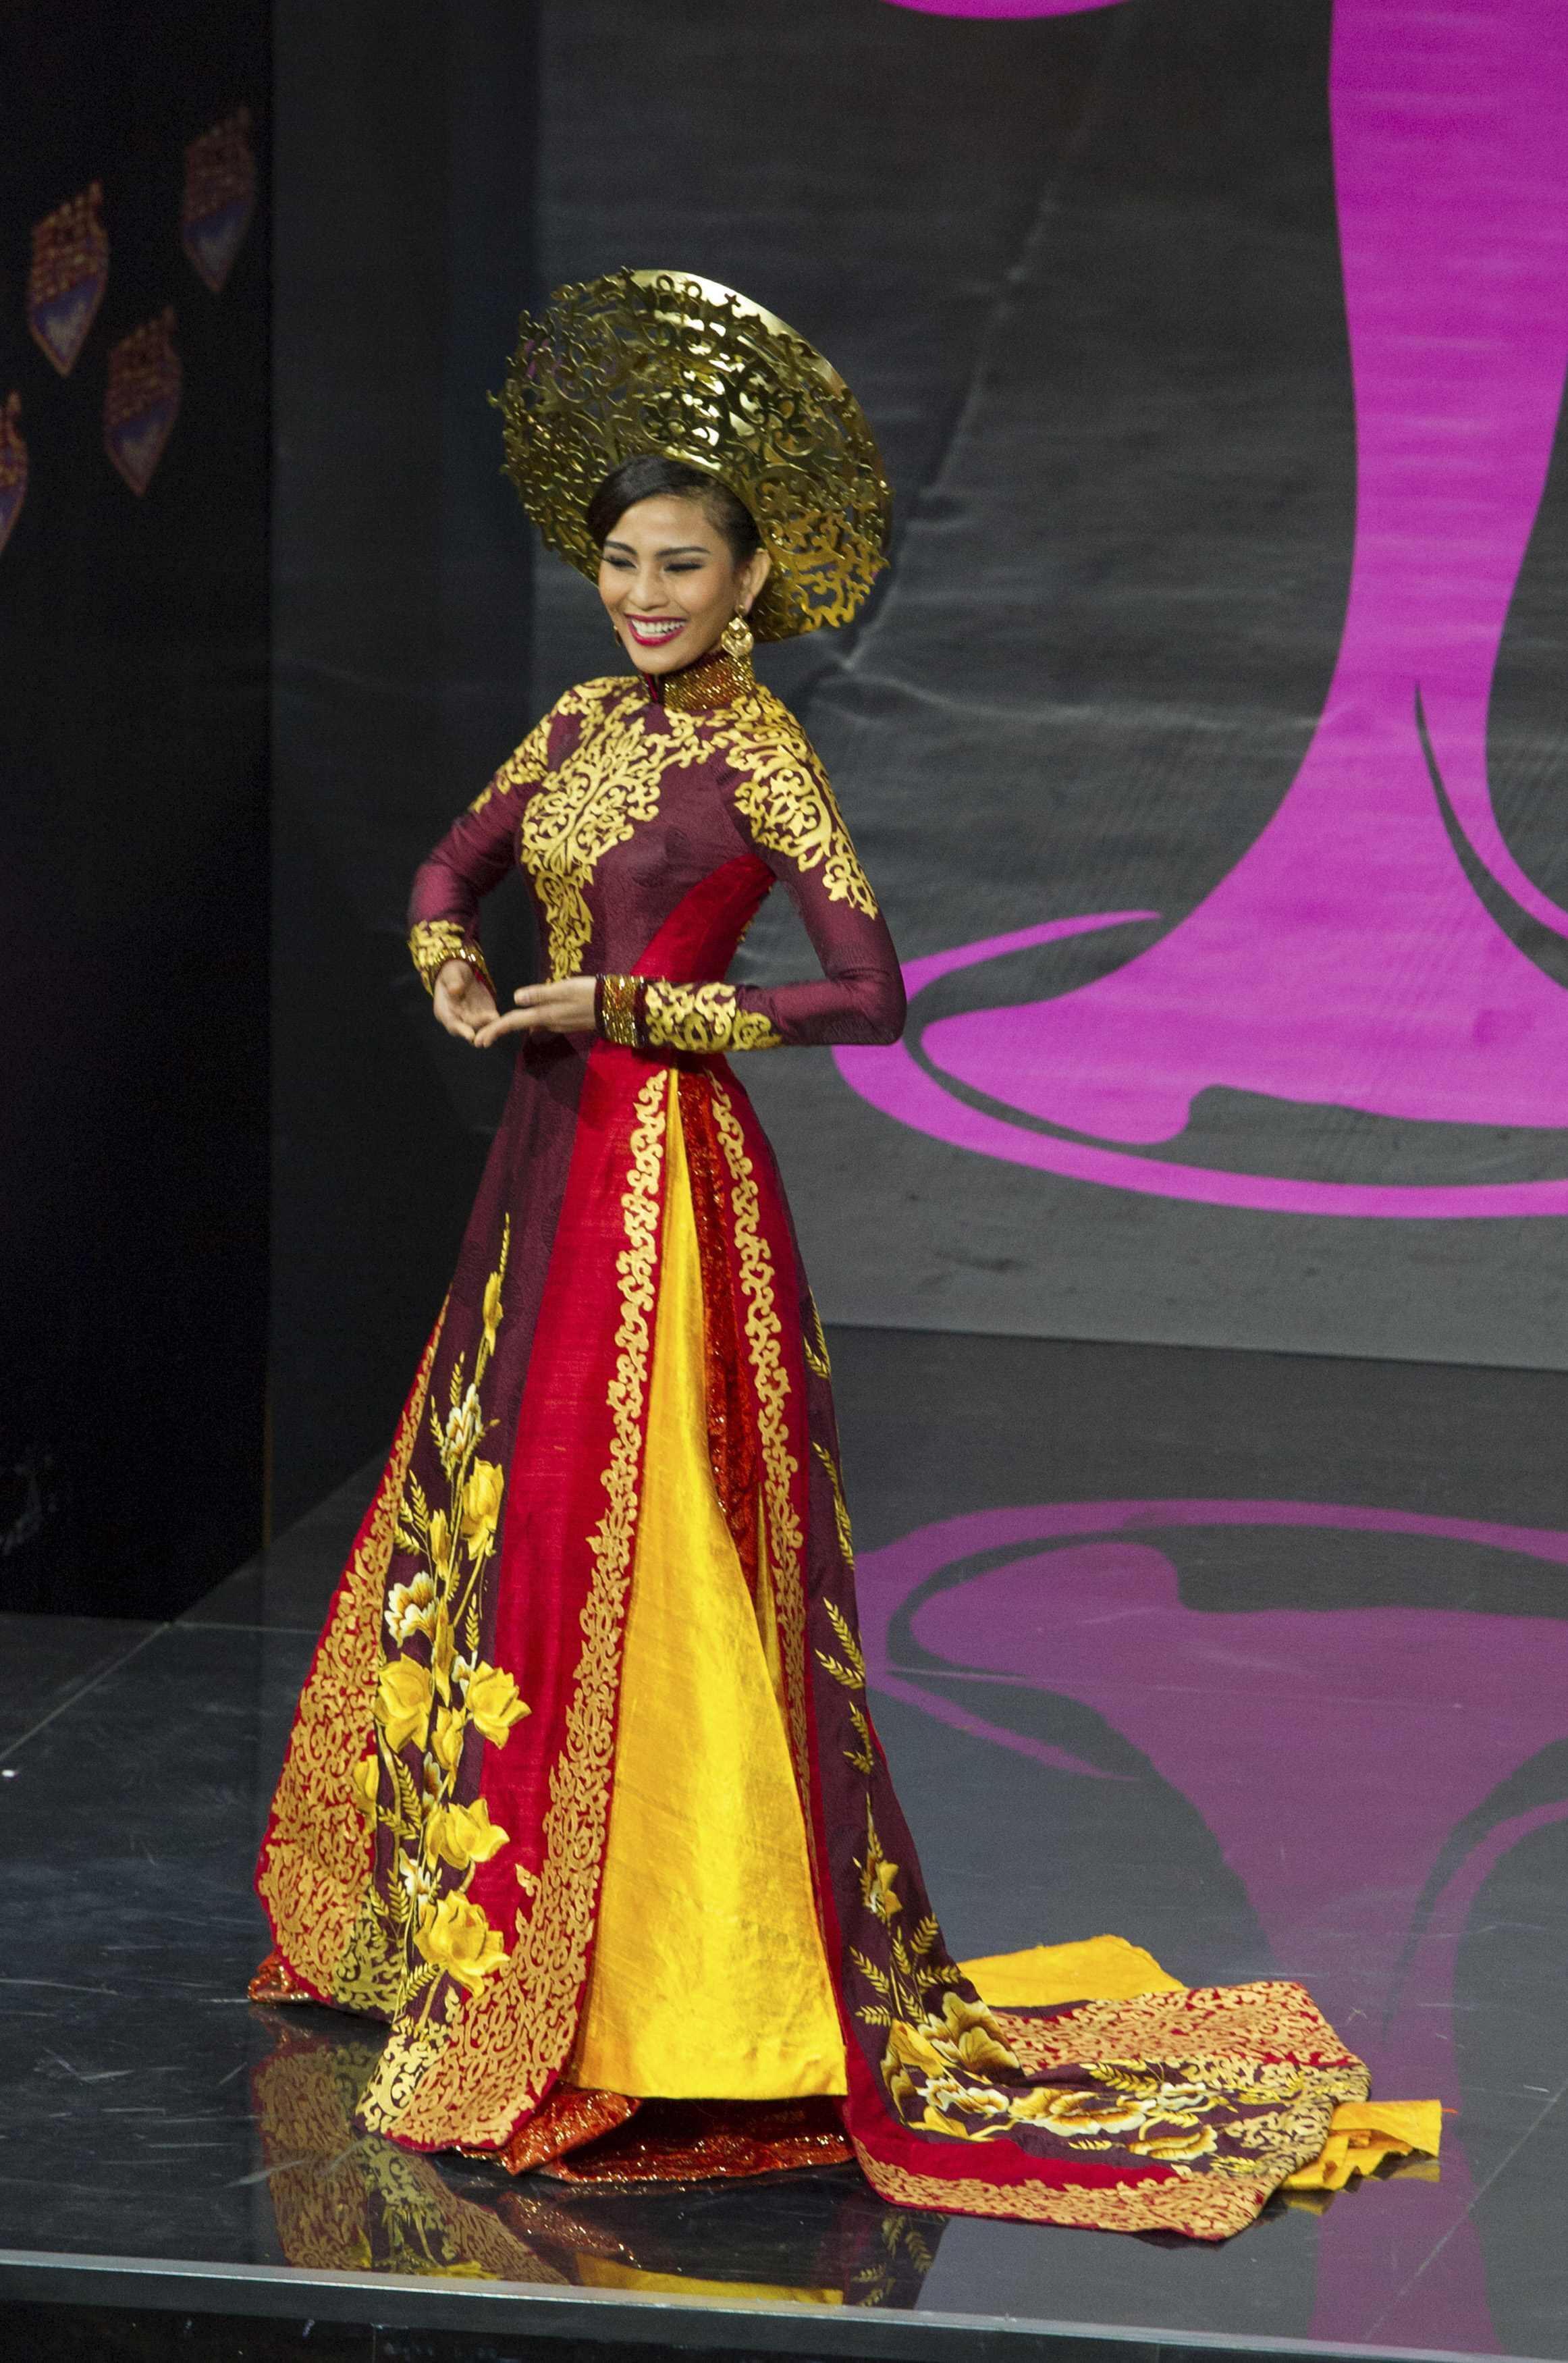 Trương Thị May, thí sinh Việt Nam tham dự cuộc thi Hoa hậu Hoàn vũ 2013 tại Matxcơva, Nga, ngày 03/11/2013